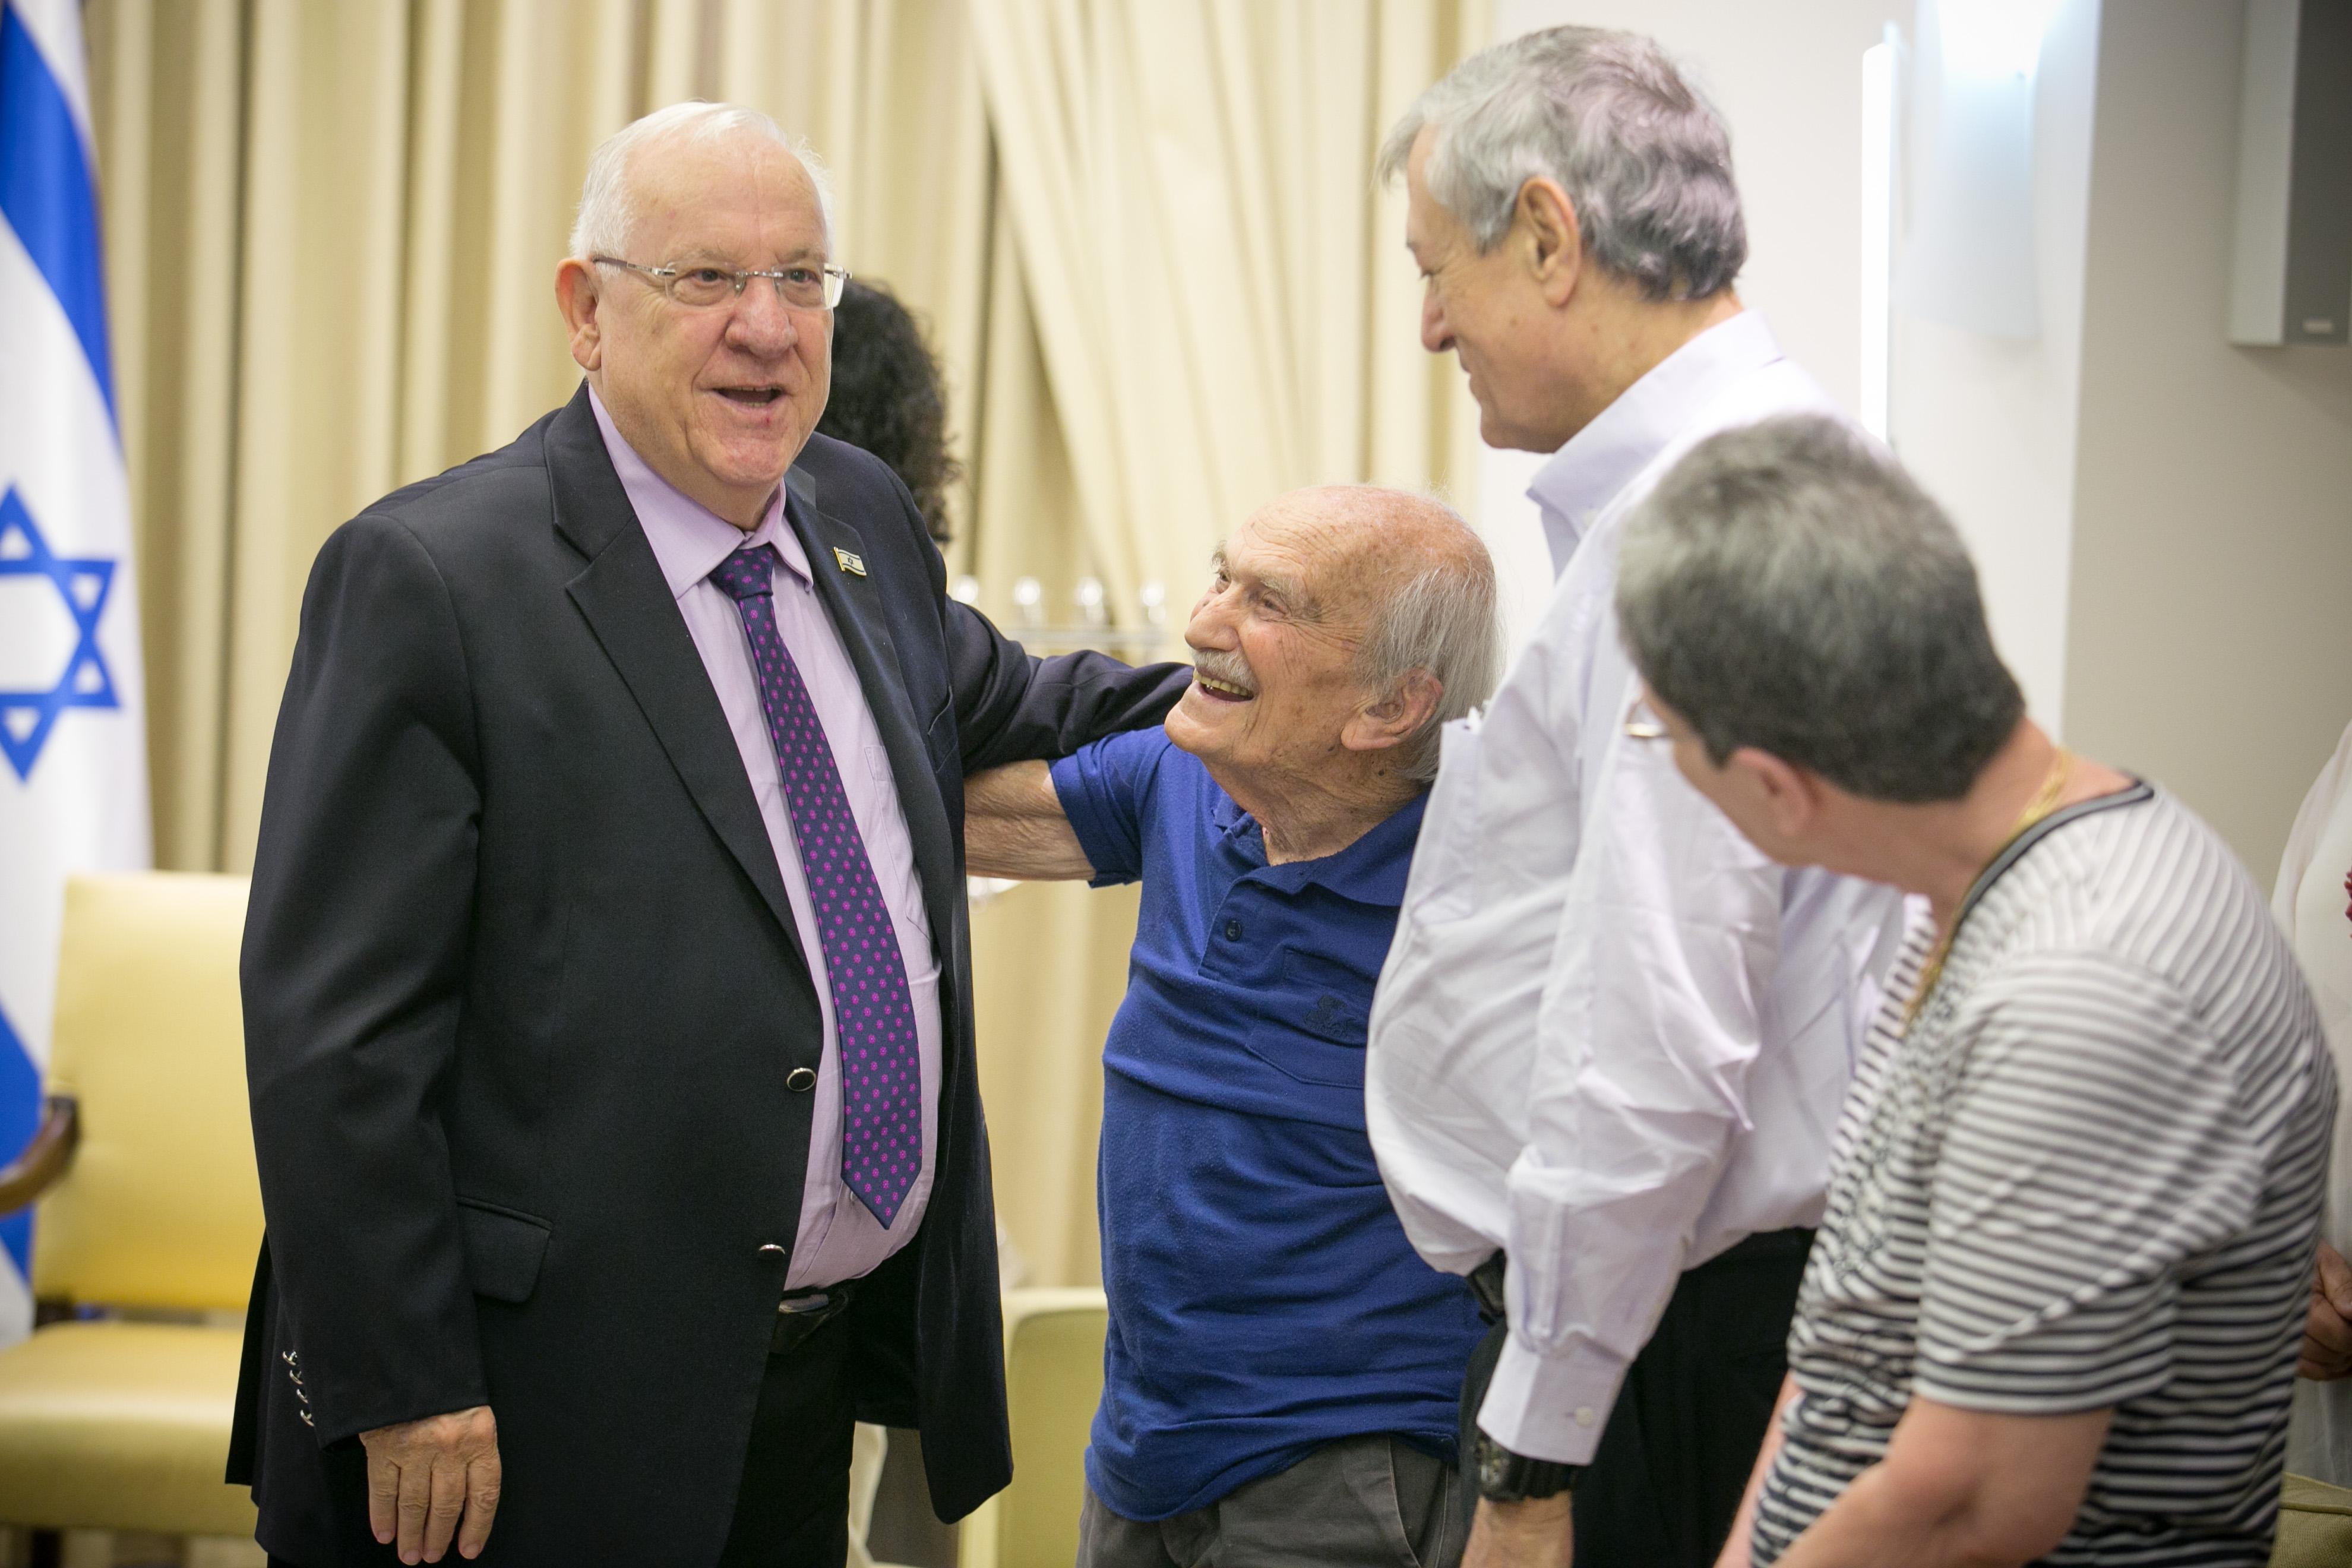 פרופ' אורה שורצולד, חבר חוג הידידים דוד קוליץ, פרופ' עוזי אורנן ונשיא המדינה